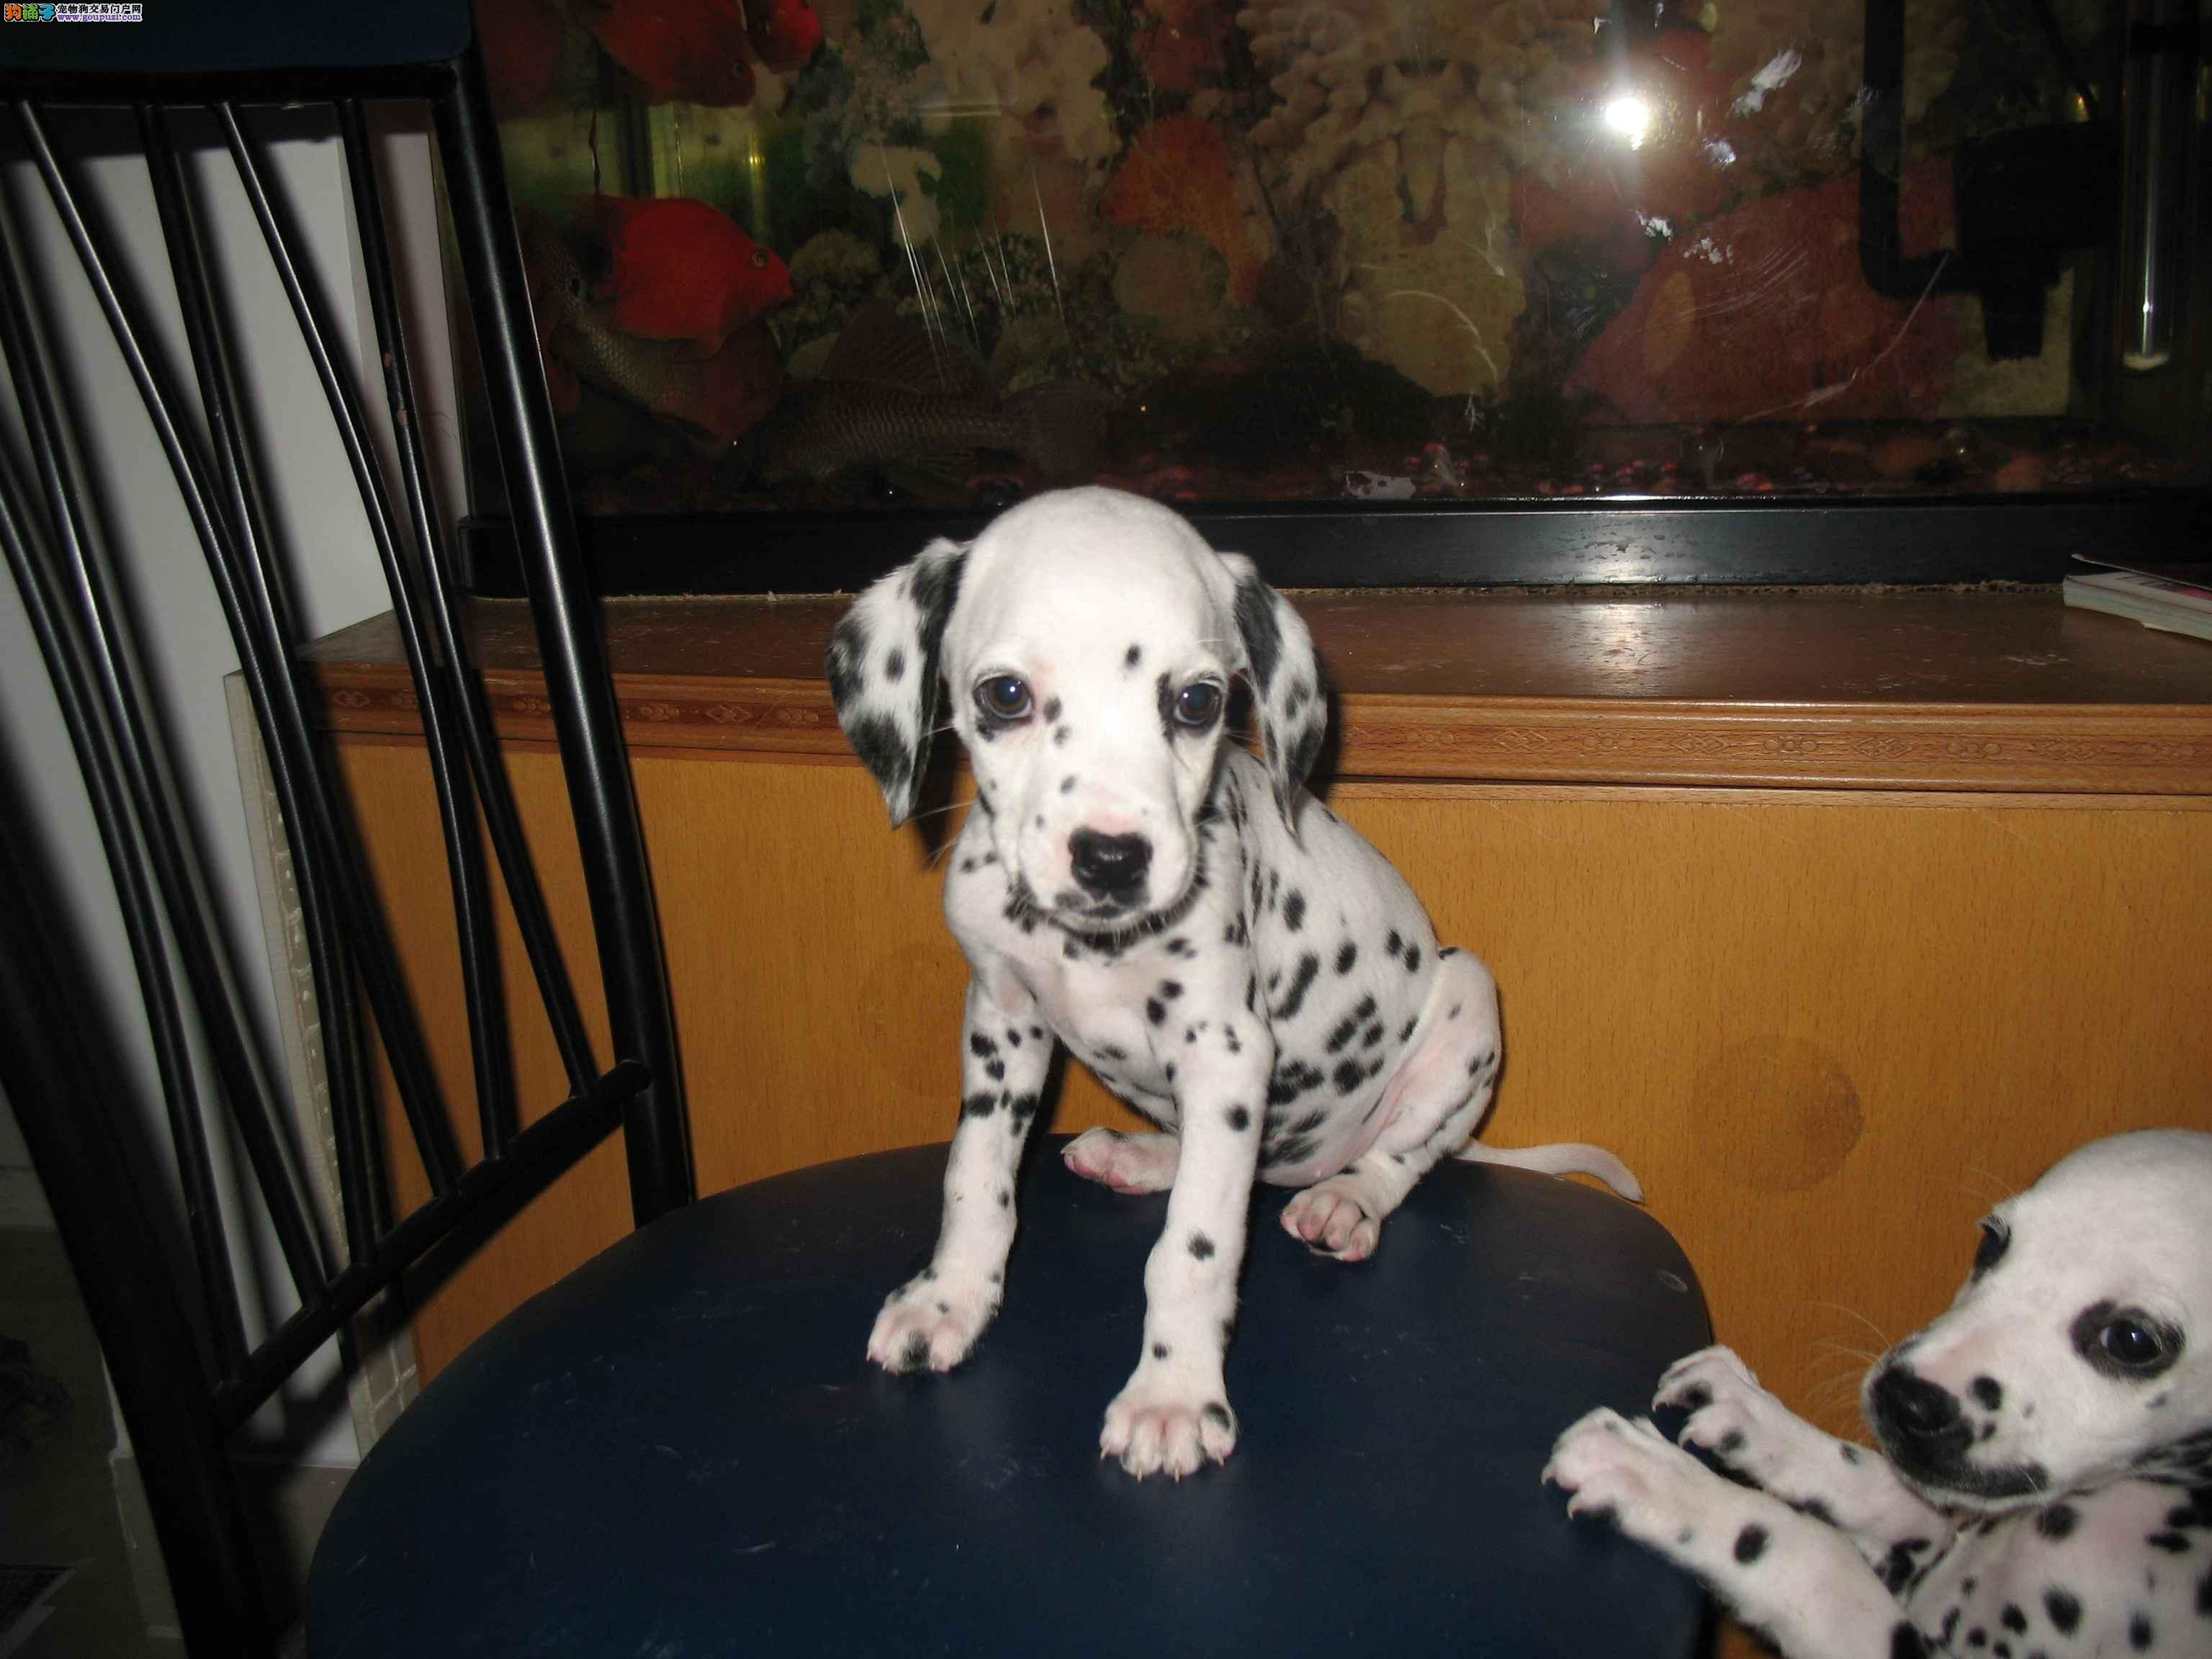 赛级血系 高品质斑点狗狗 正规狗场 全国可邮 保健康